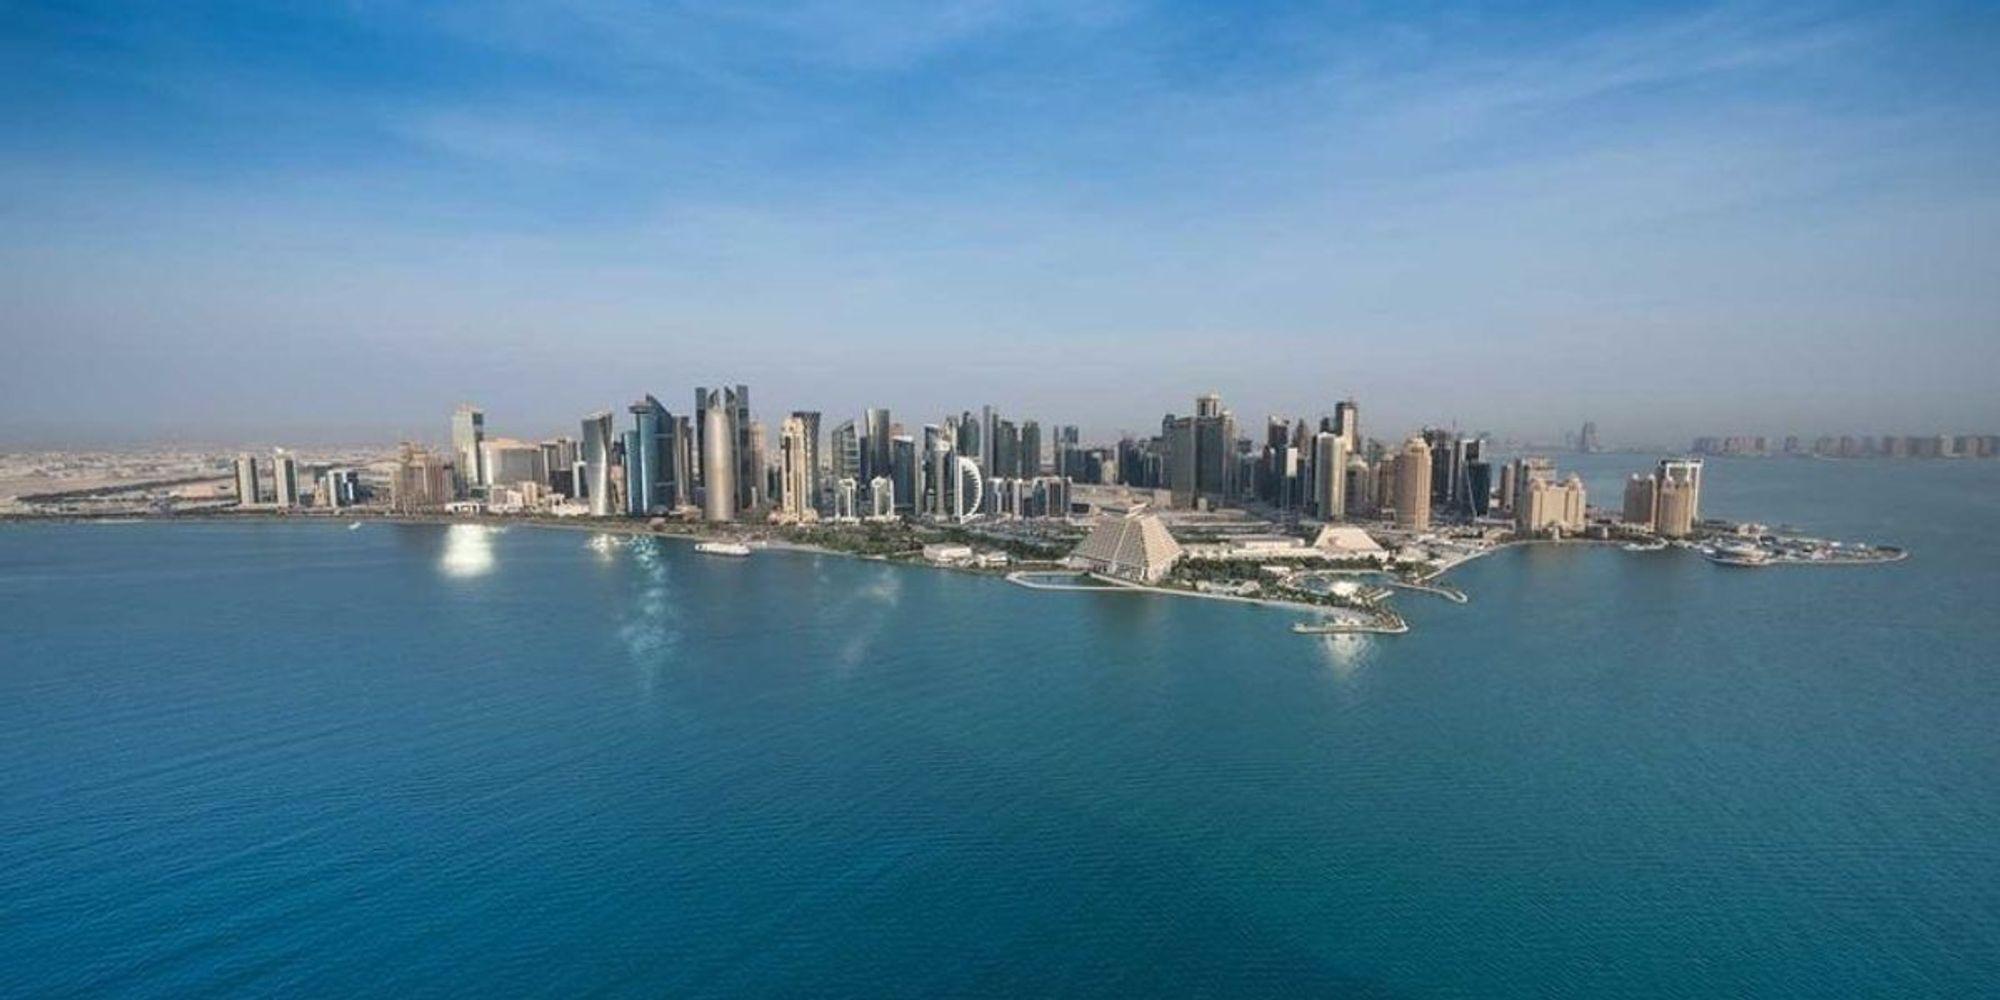 Lavorare In Qatar Architetto cinque cose da fare a doha, anche prima dei mondiali - panorama